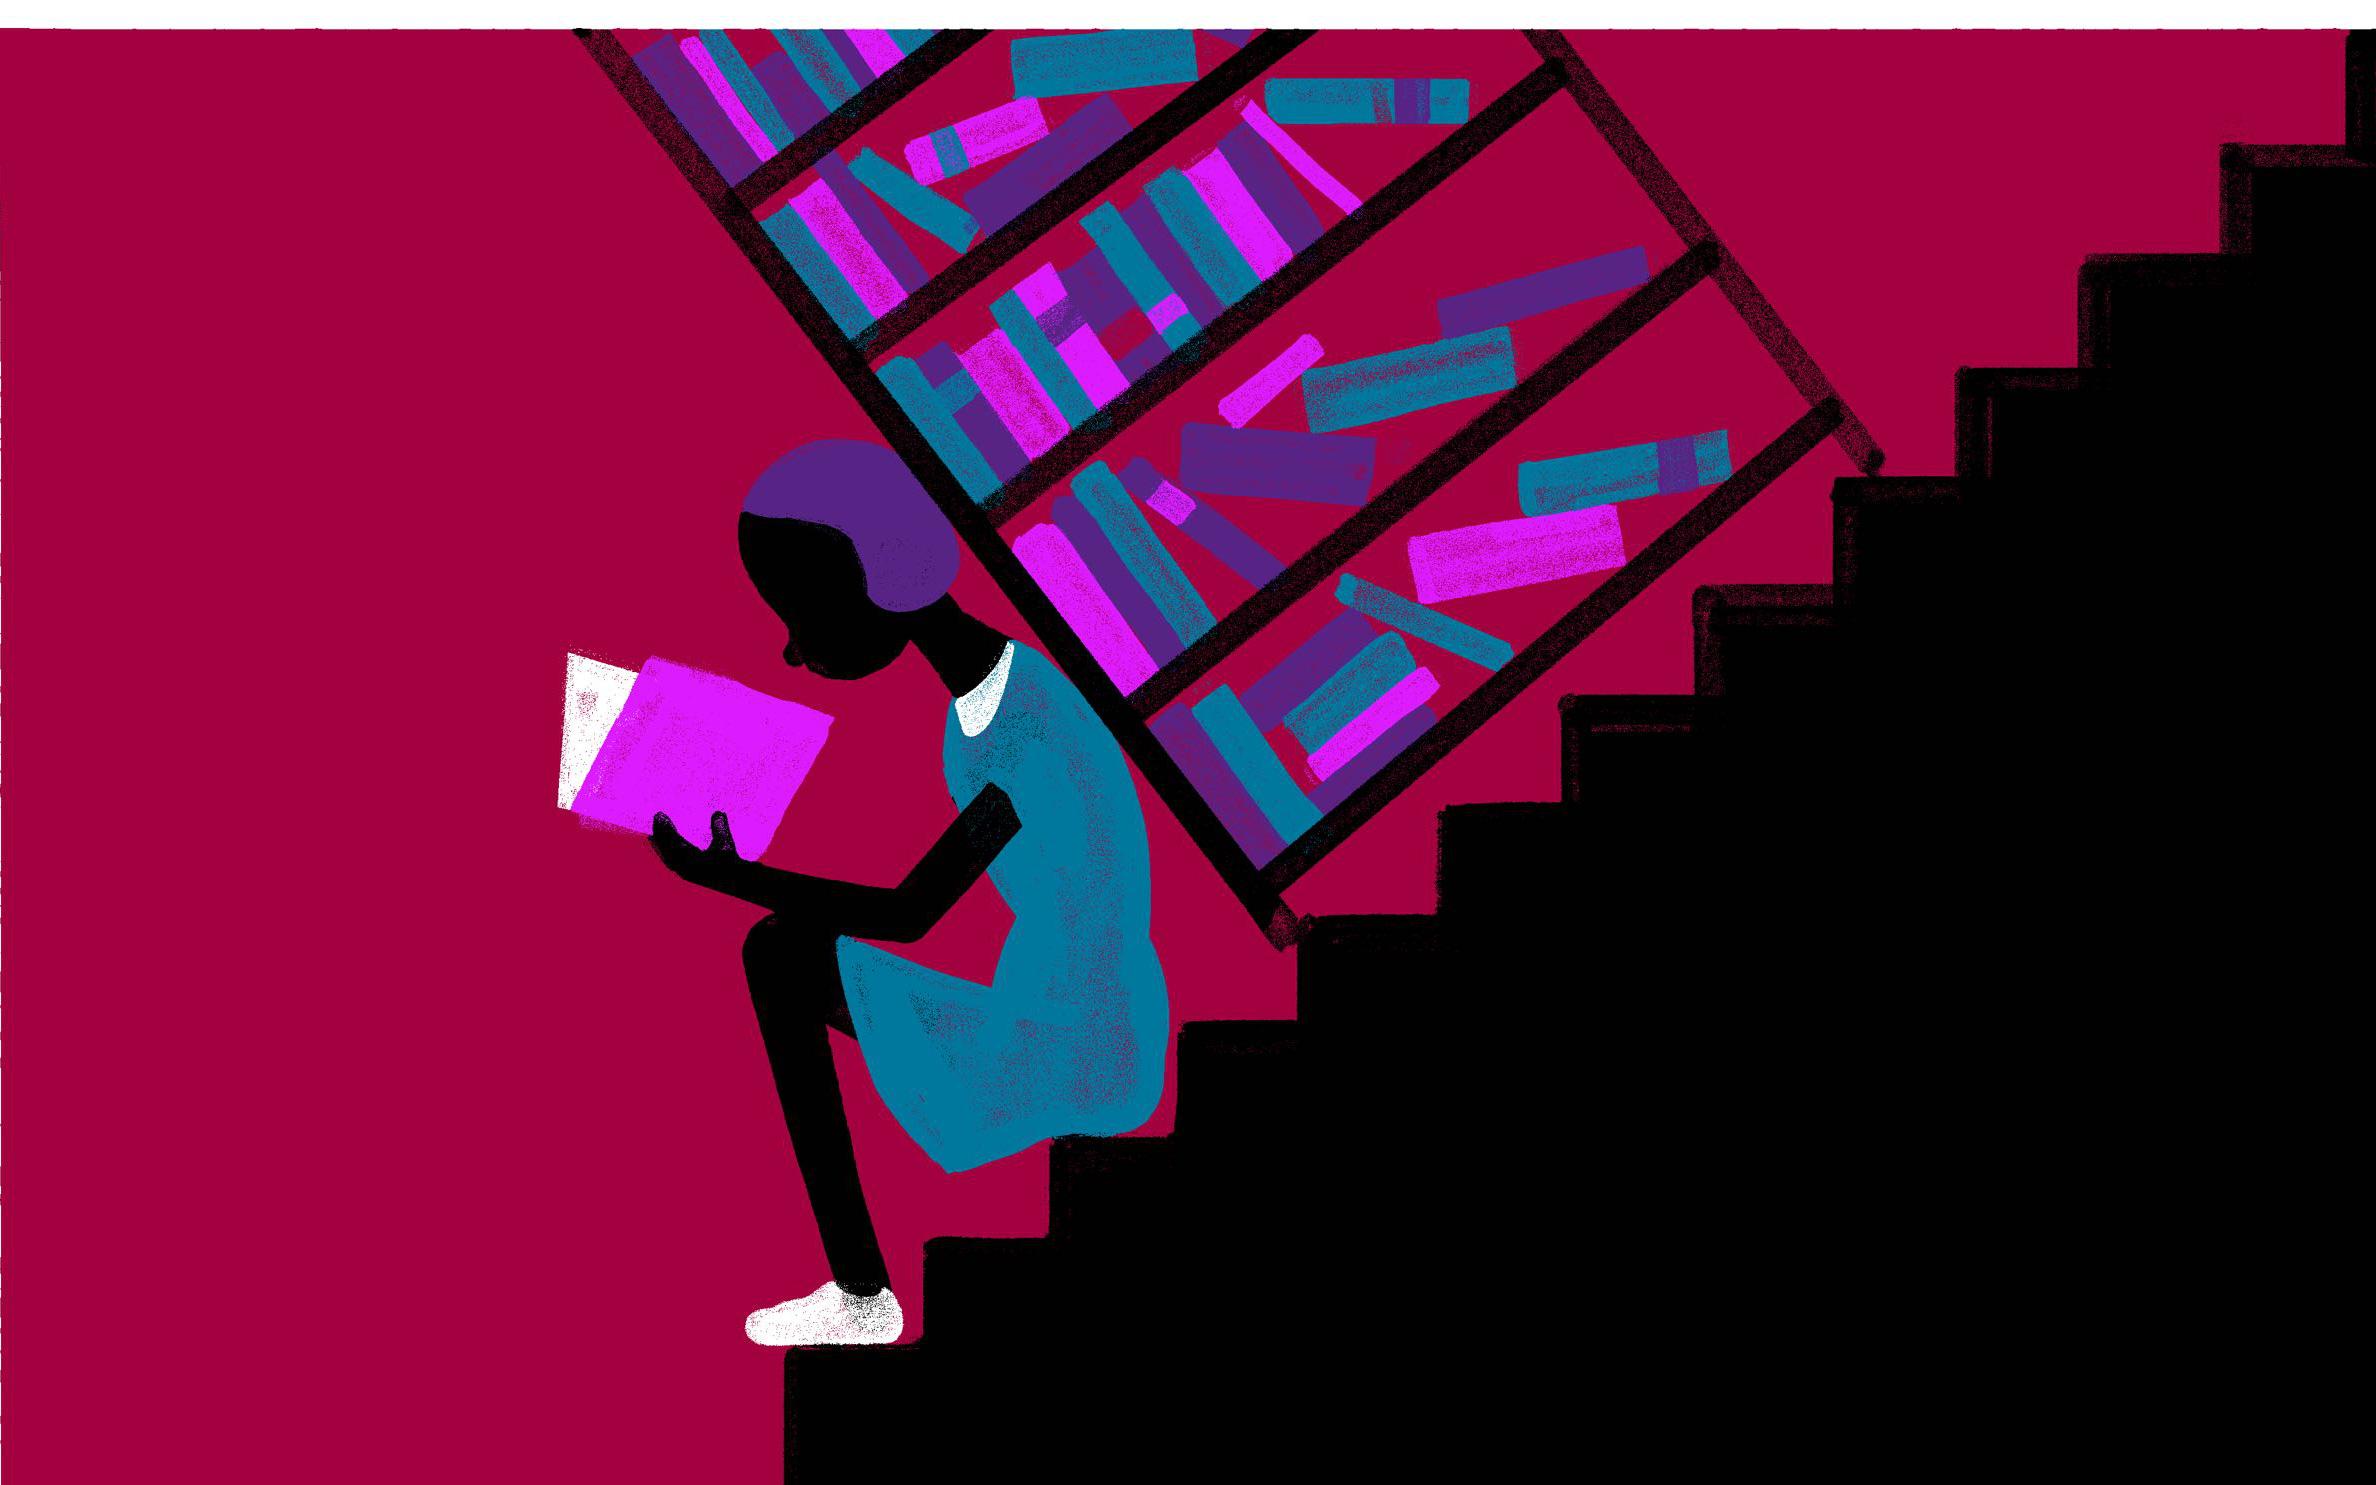 Khảo sát đọc sách tại nơi làm việc: Đọc sách có thể thay đổi vận mệnh hay không?